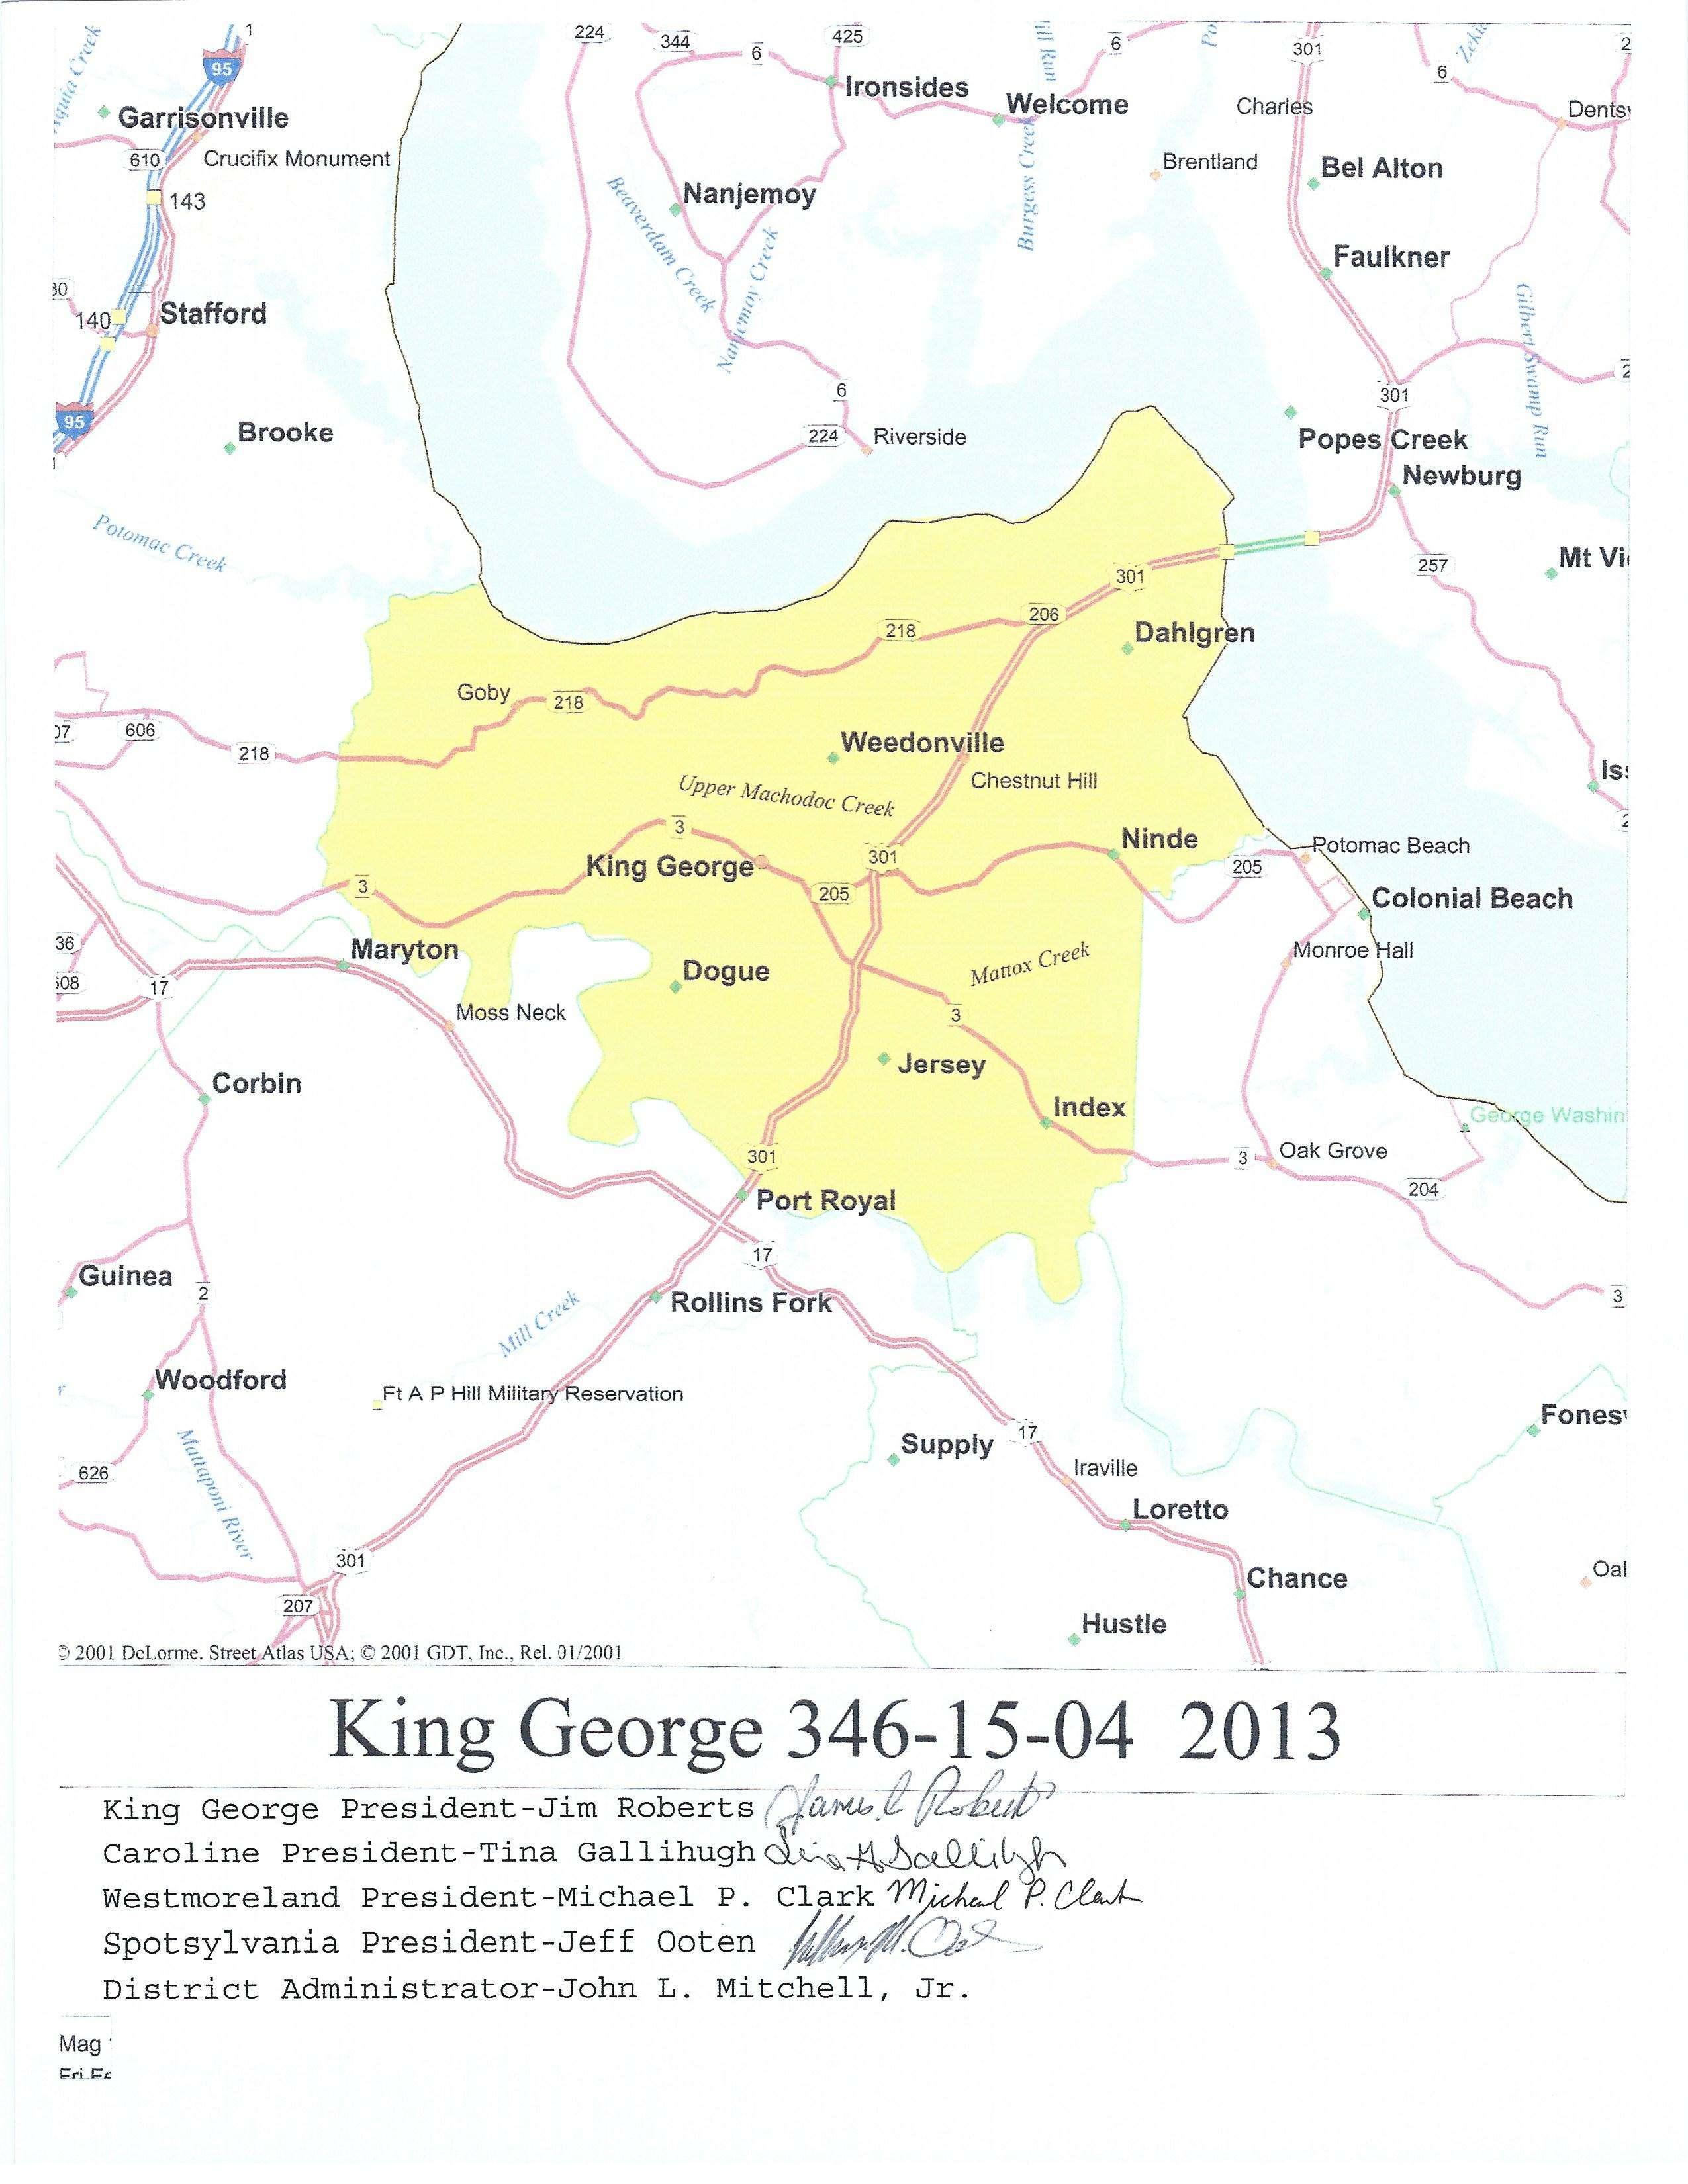 2013 King George